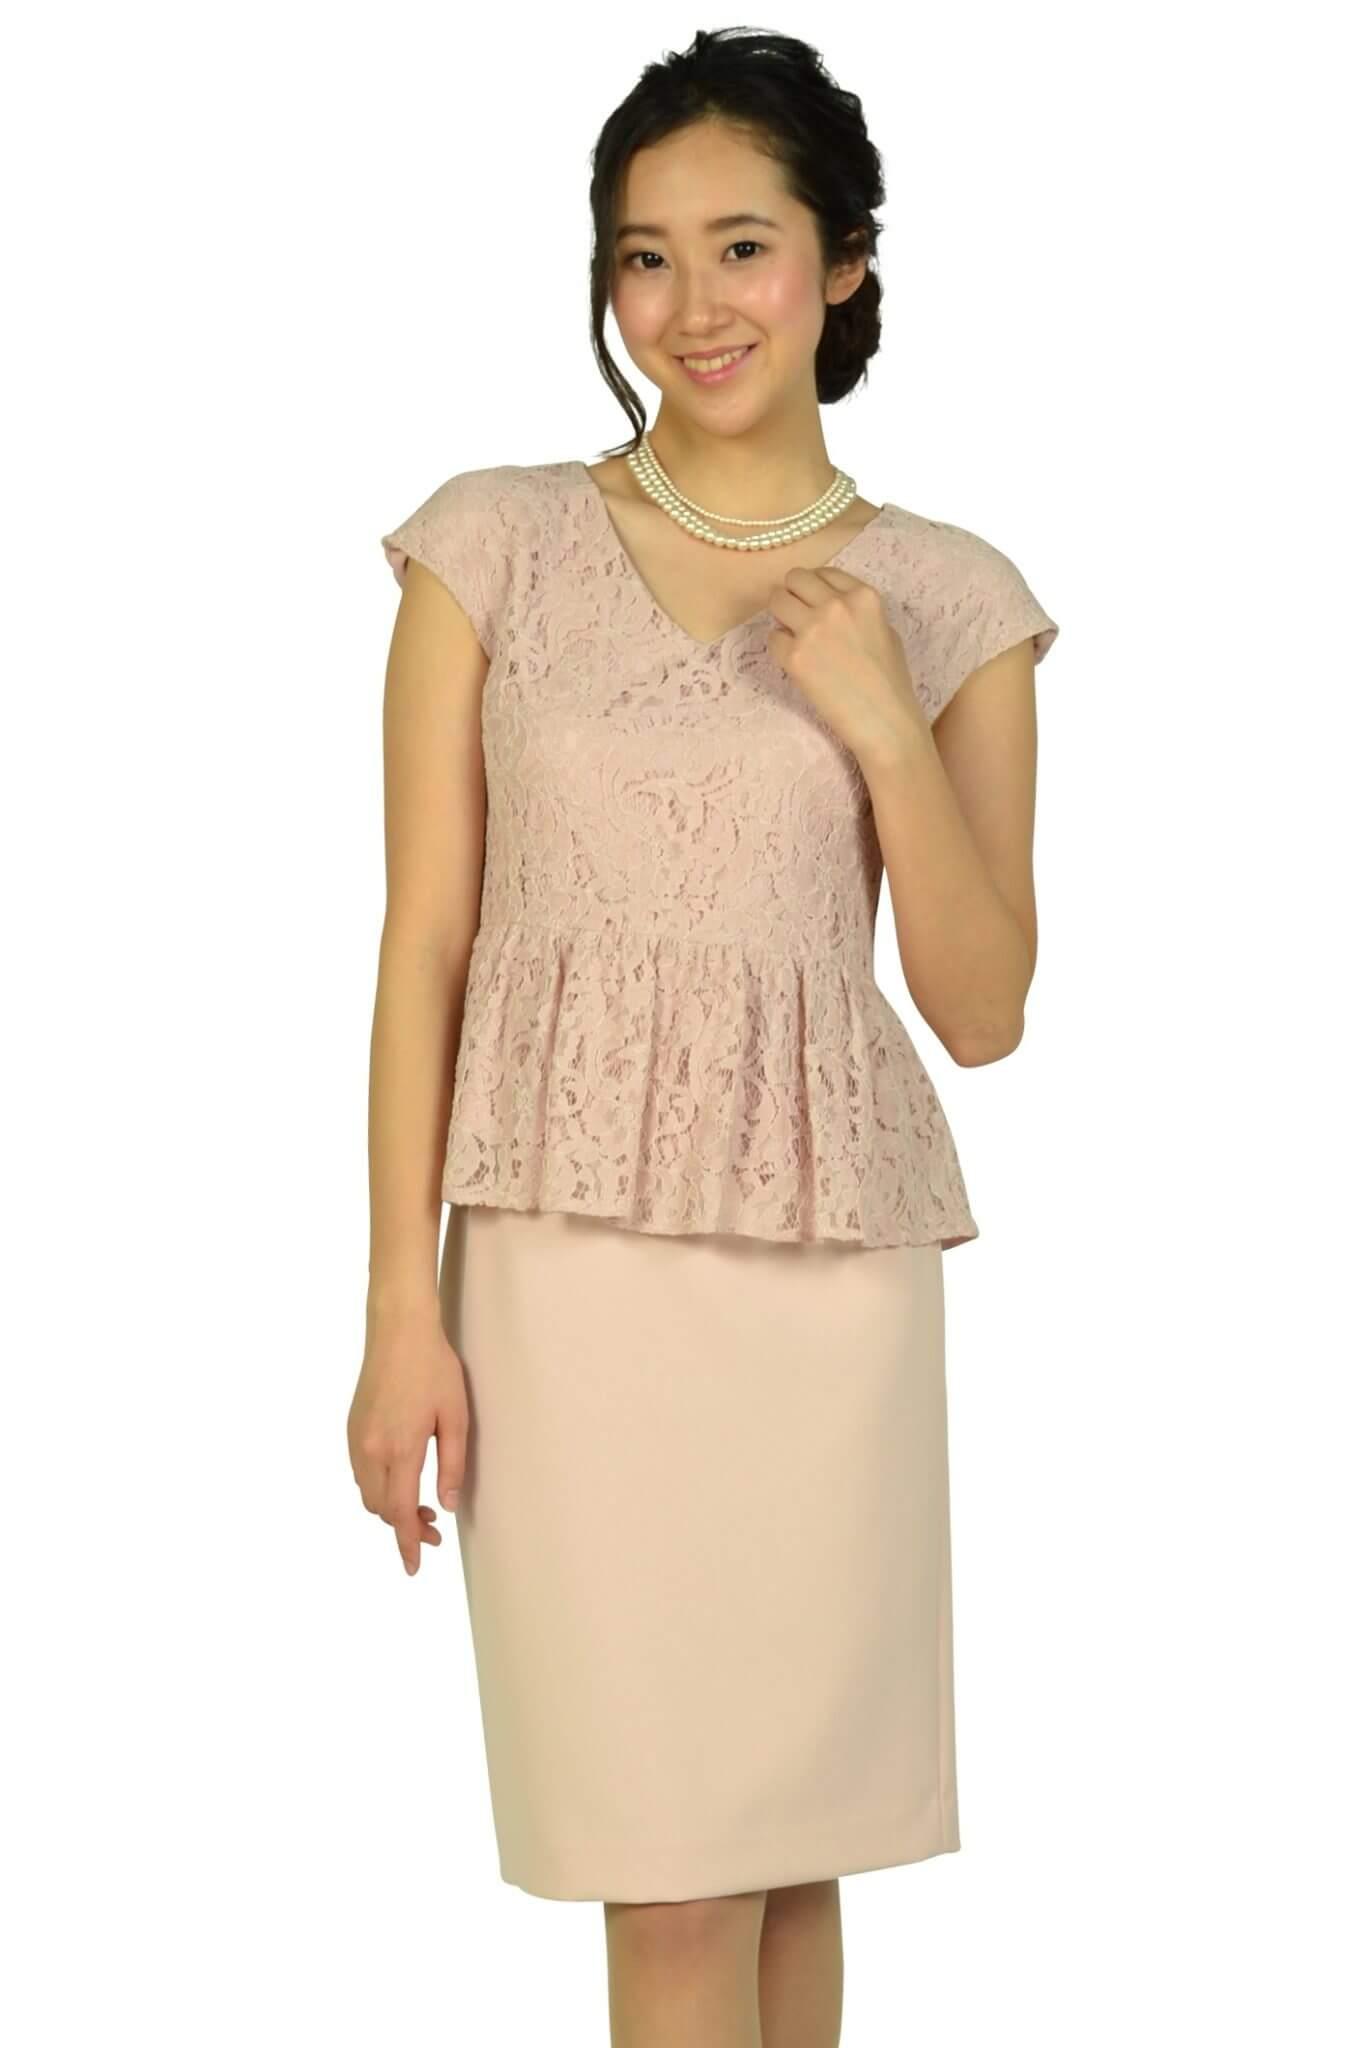 シップス (SHIPS)レーストップスIラインピンクドレス